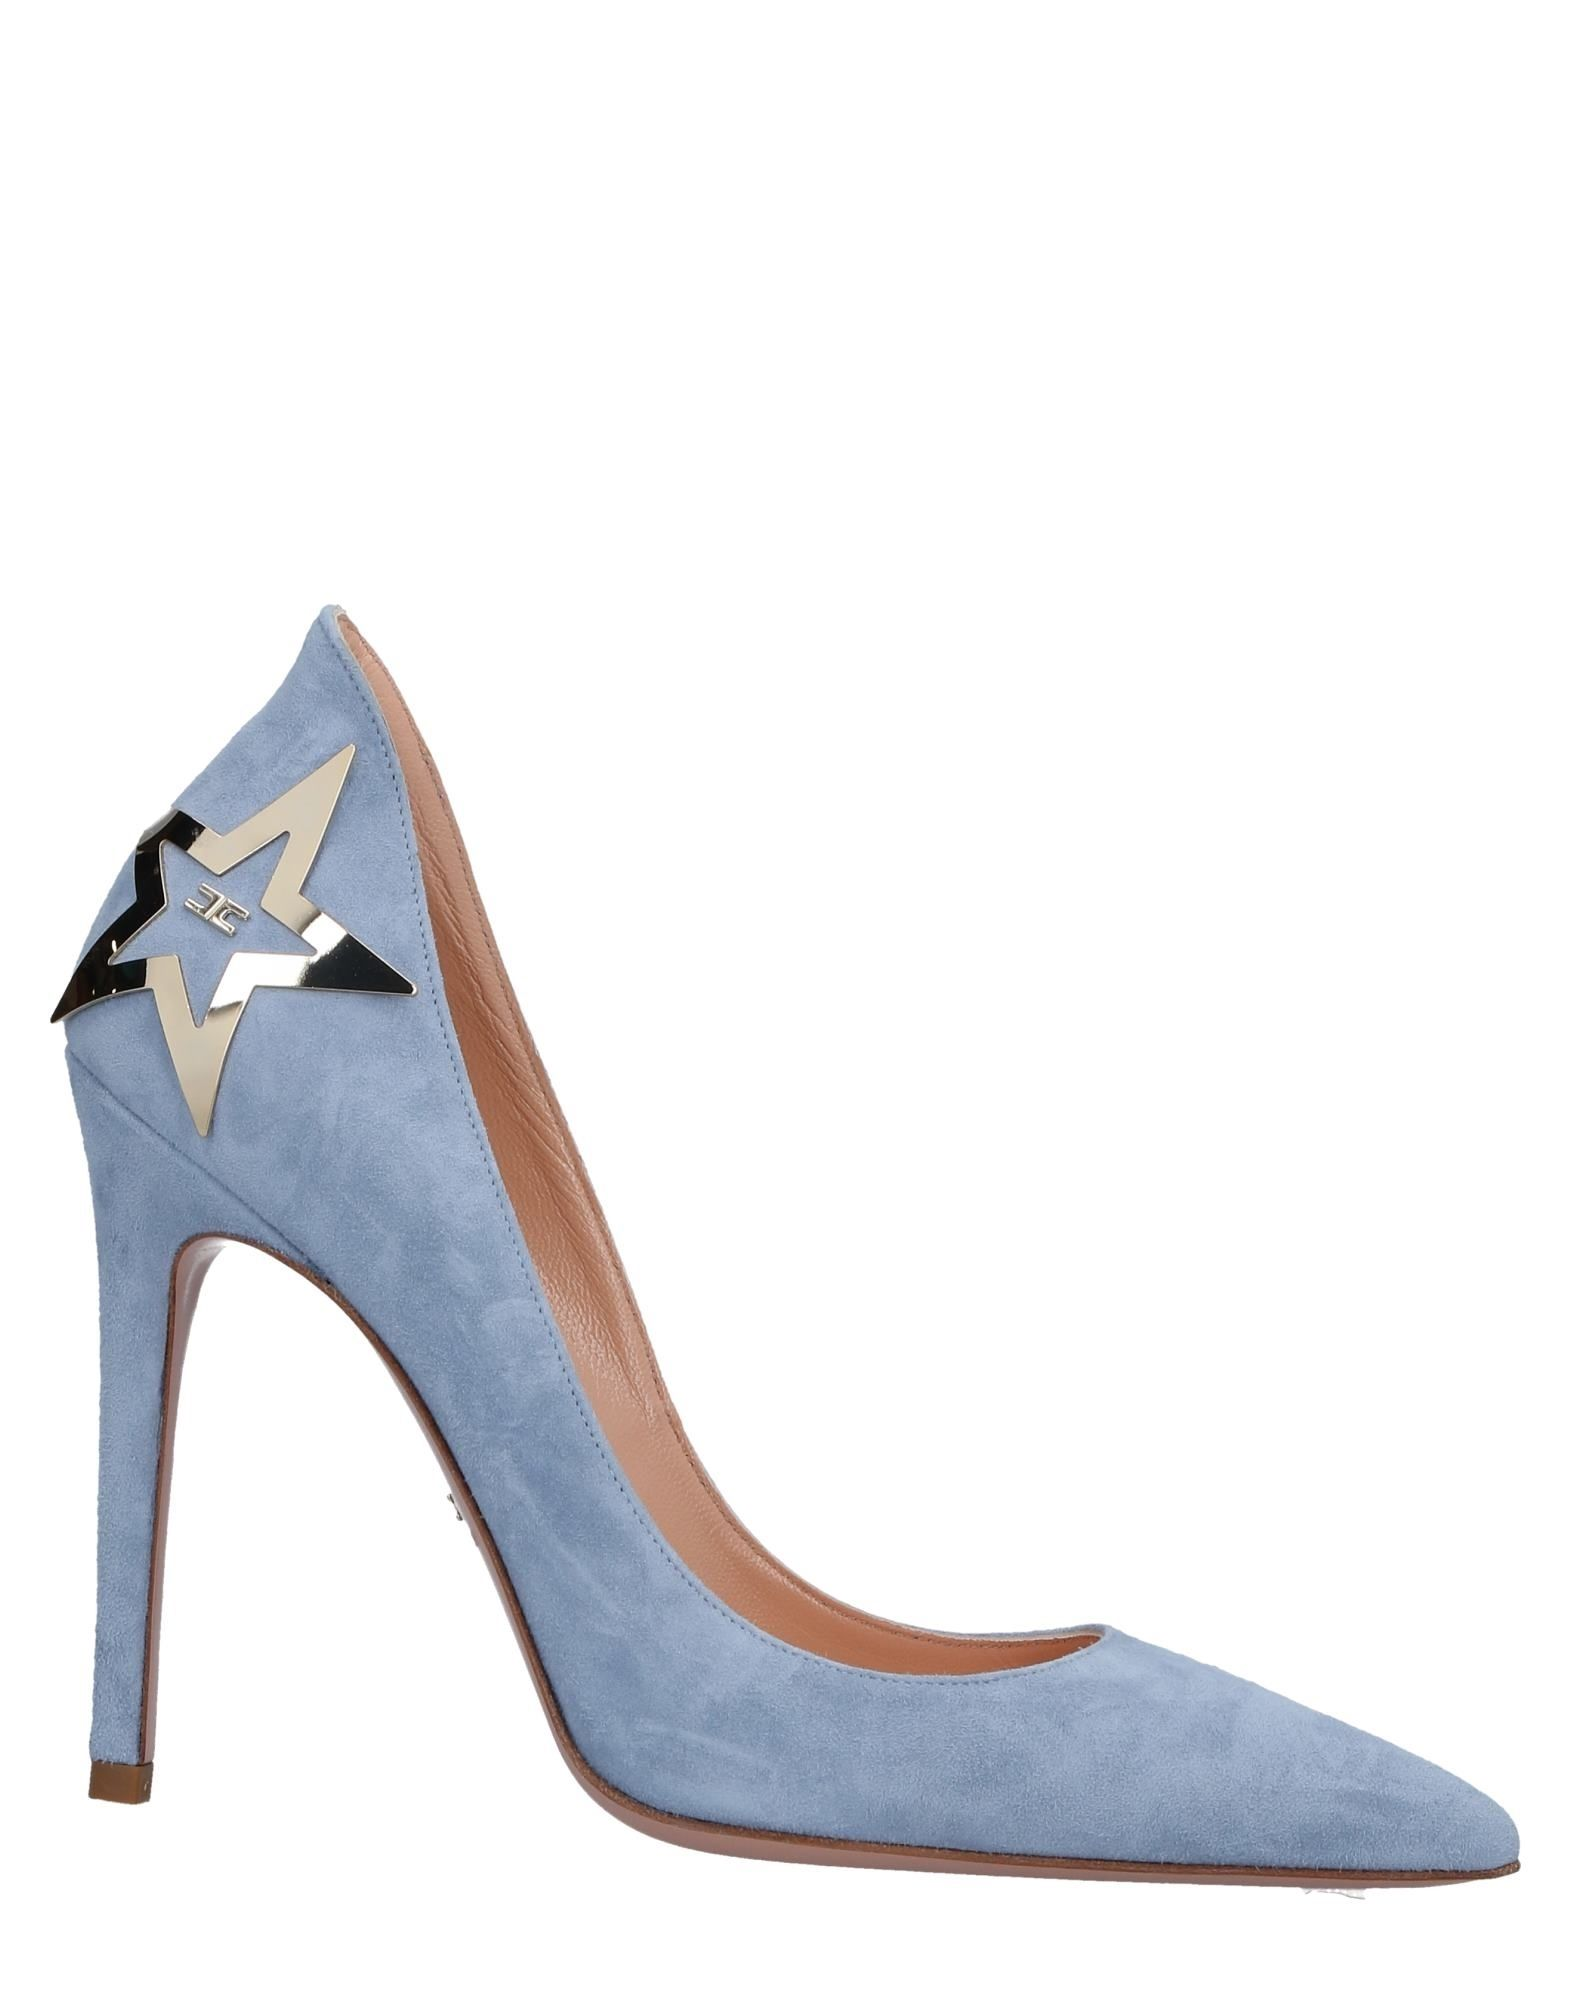 Venta de liquidación de temporada Zapato De Mujer Salón Elisabetta Franchi Mujer De - Salones Elisabetta Franchi  Azul celeste d14b83